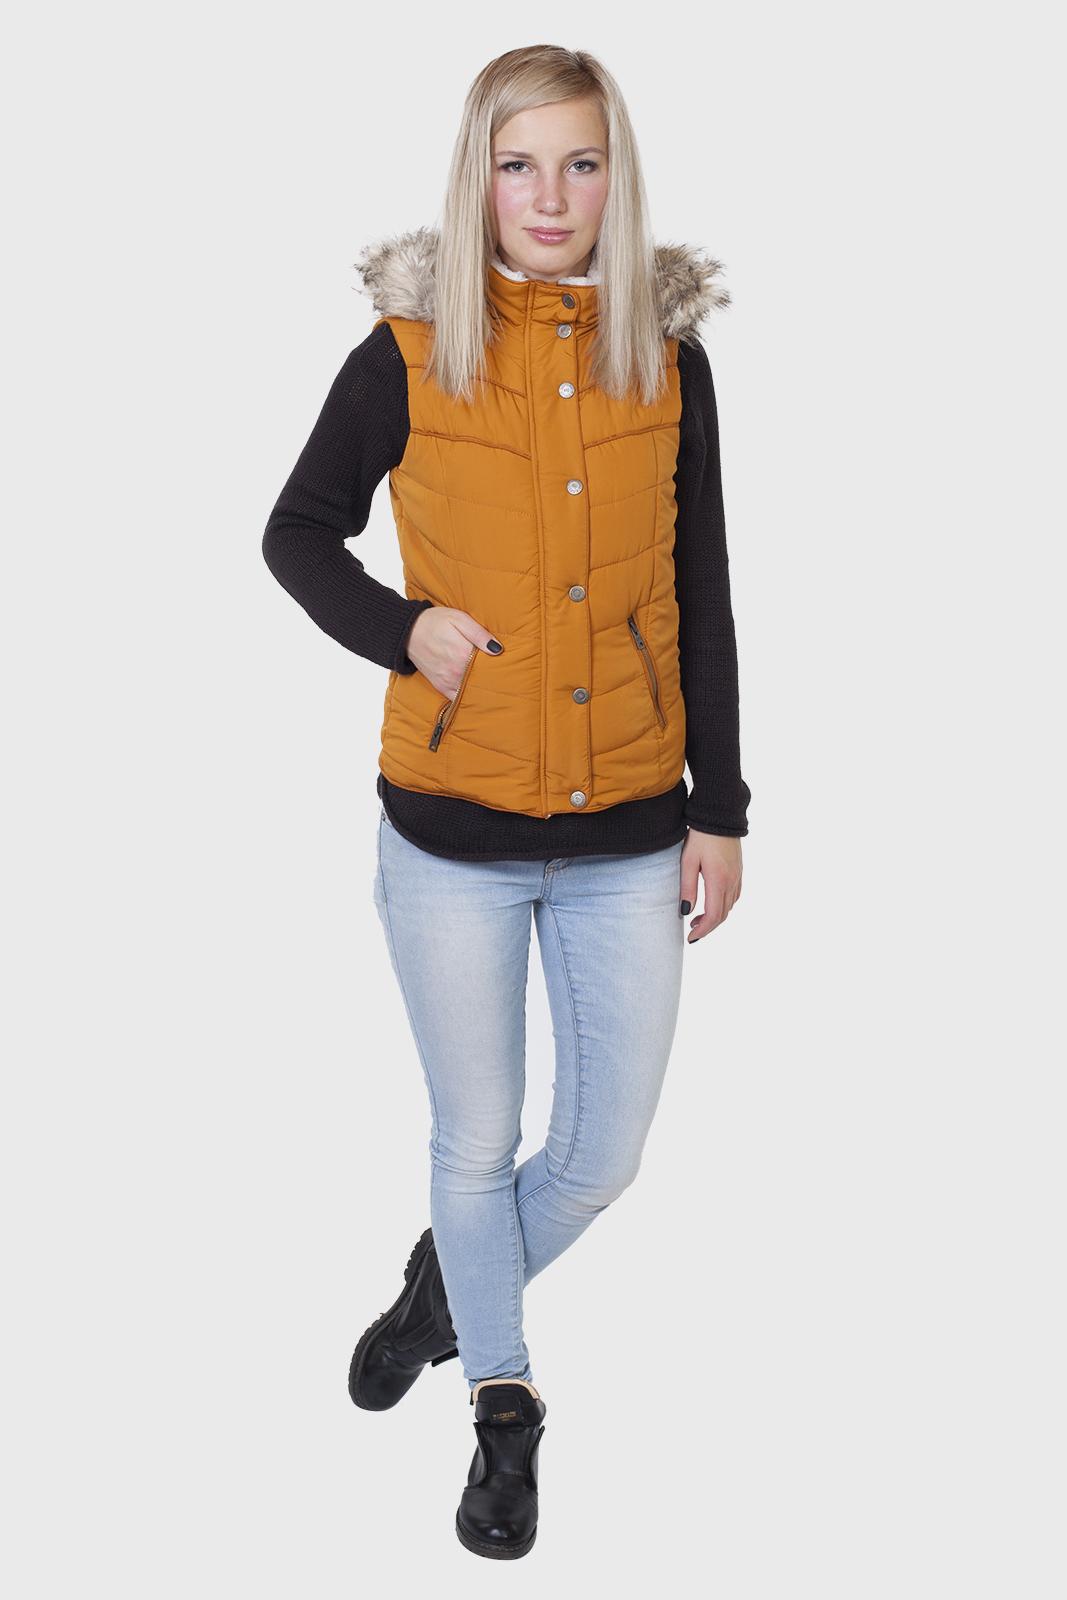 Стеганый женский жилет с капюшоном от Aeropostale (США) купить в Военпро